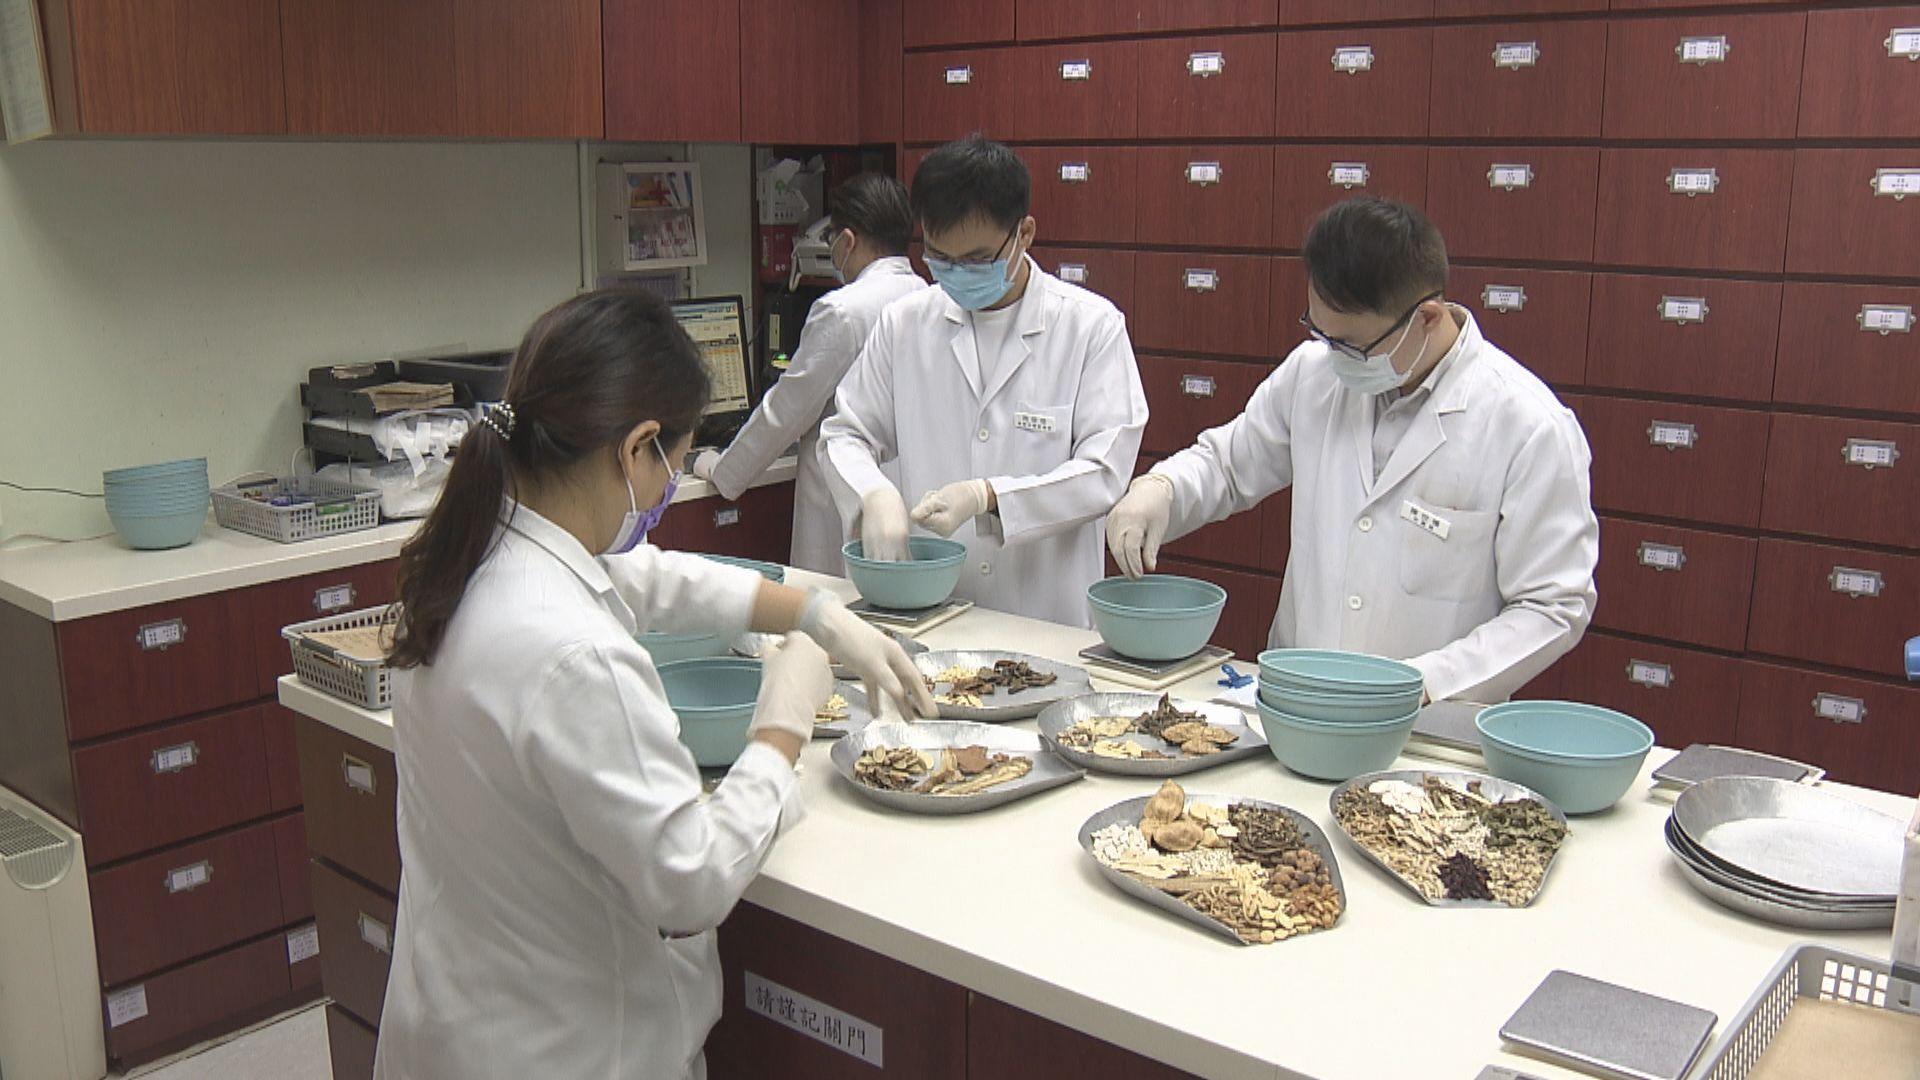 大灣區中醫藥建設方案推動港澳中醫師到內地執業